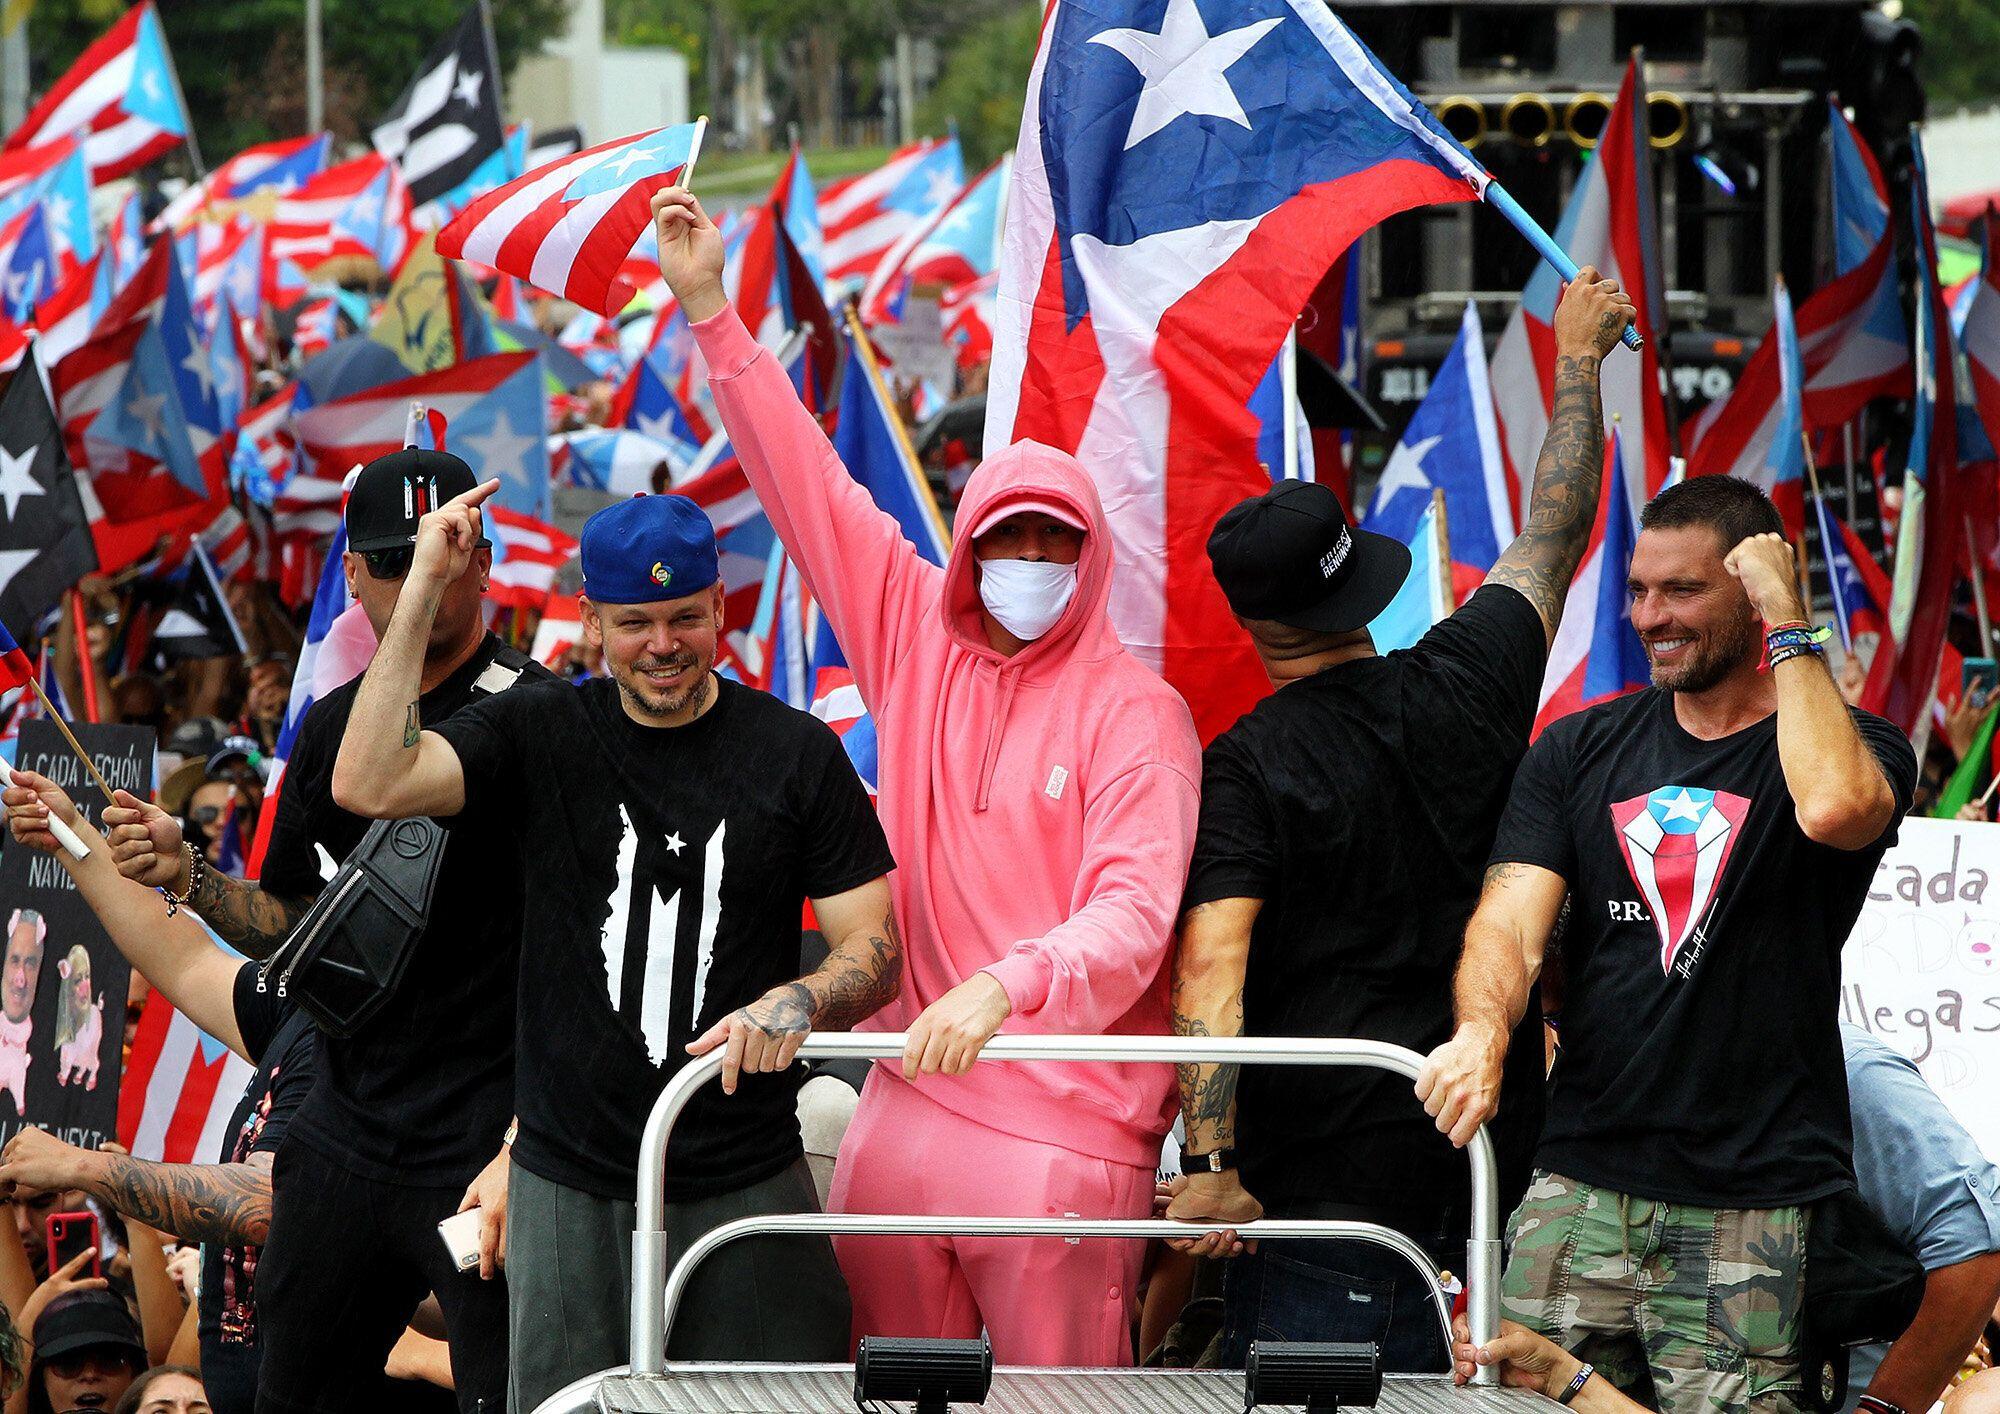 Residente y Bad Bunny participan en una manifestación un día después de la renuncia del ex gobernador pu